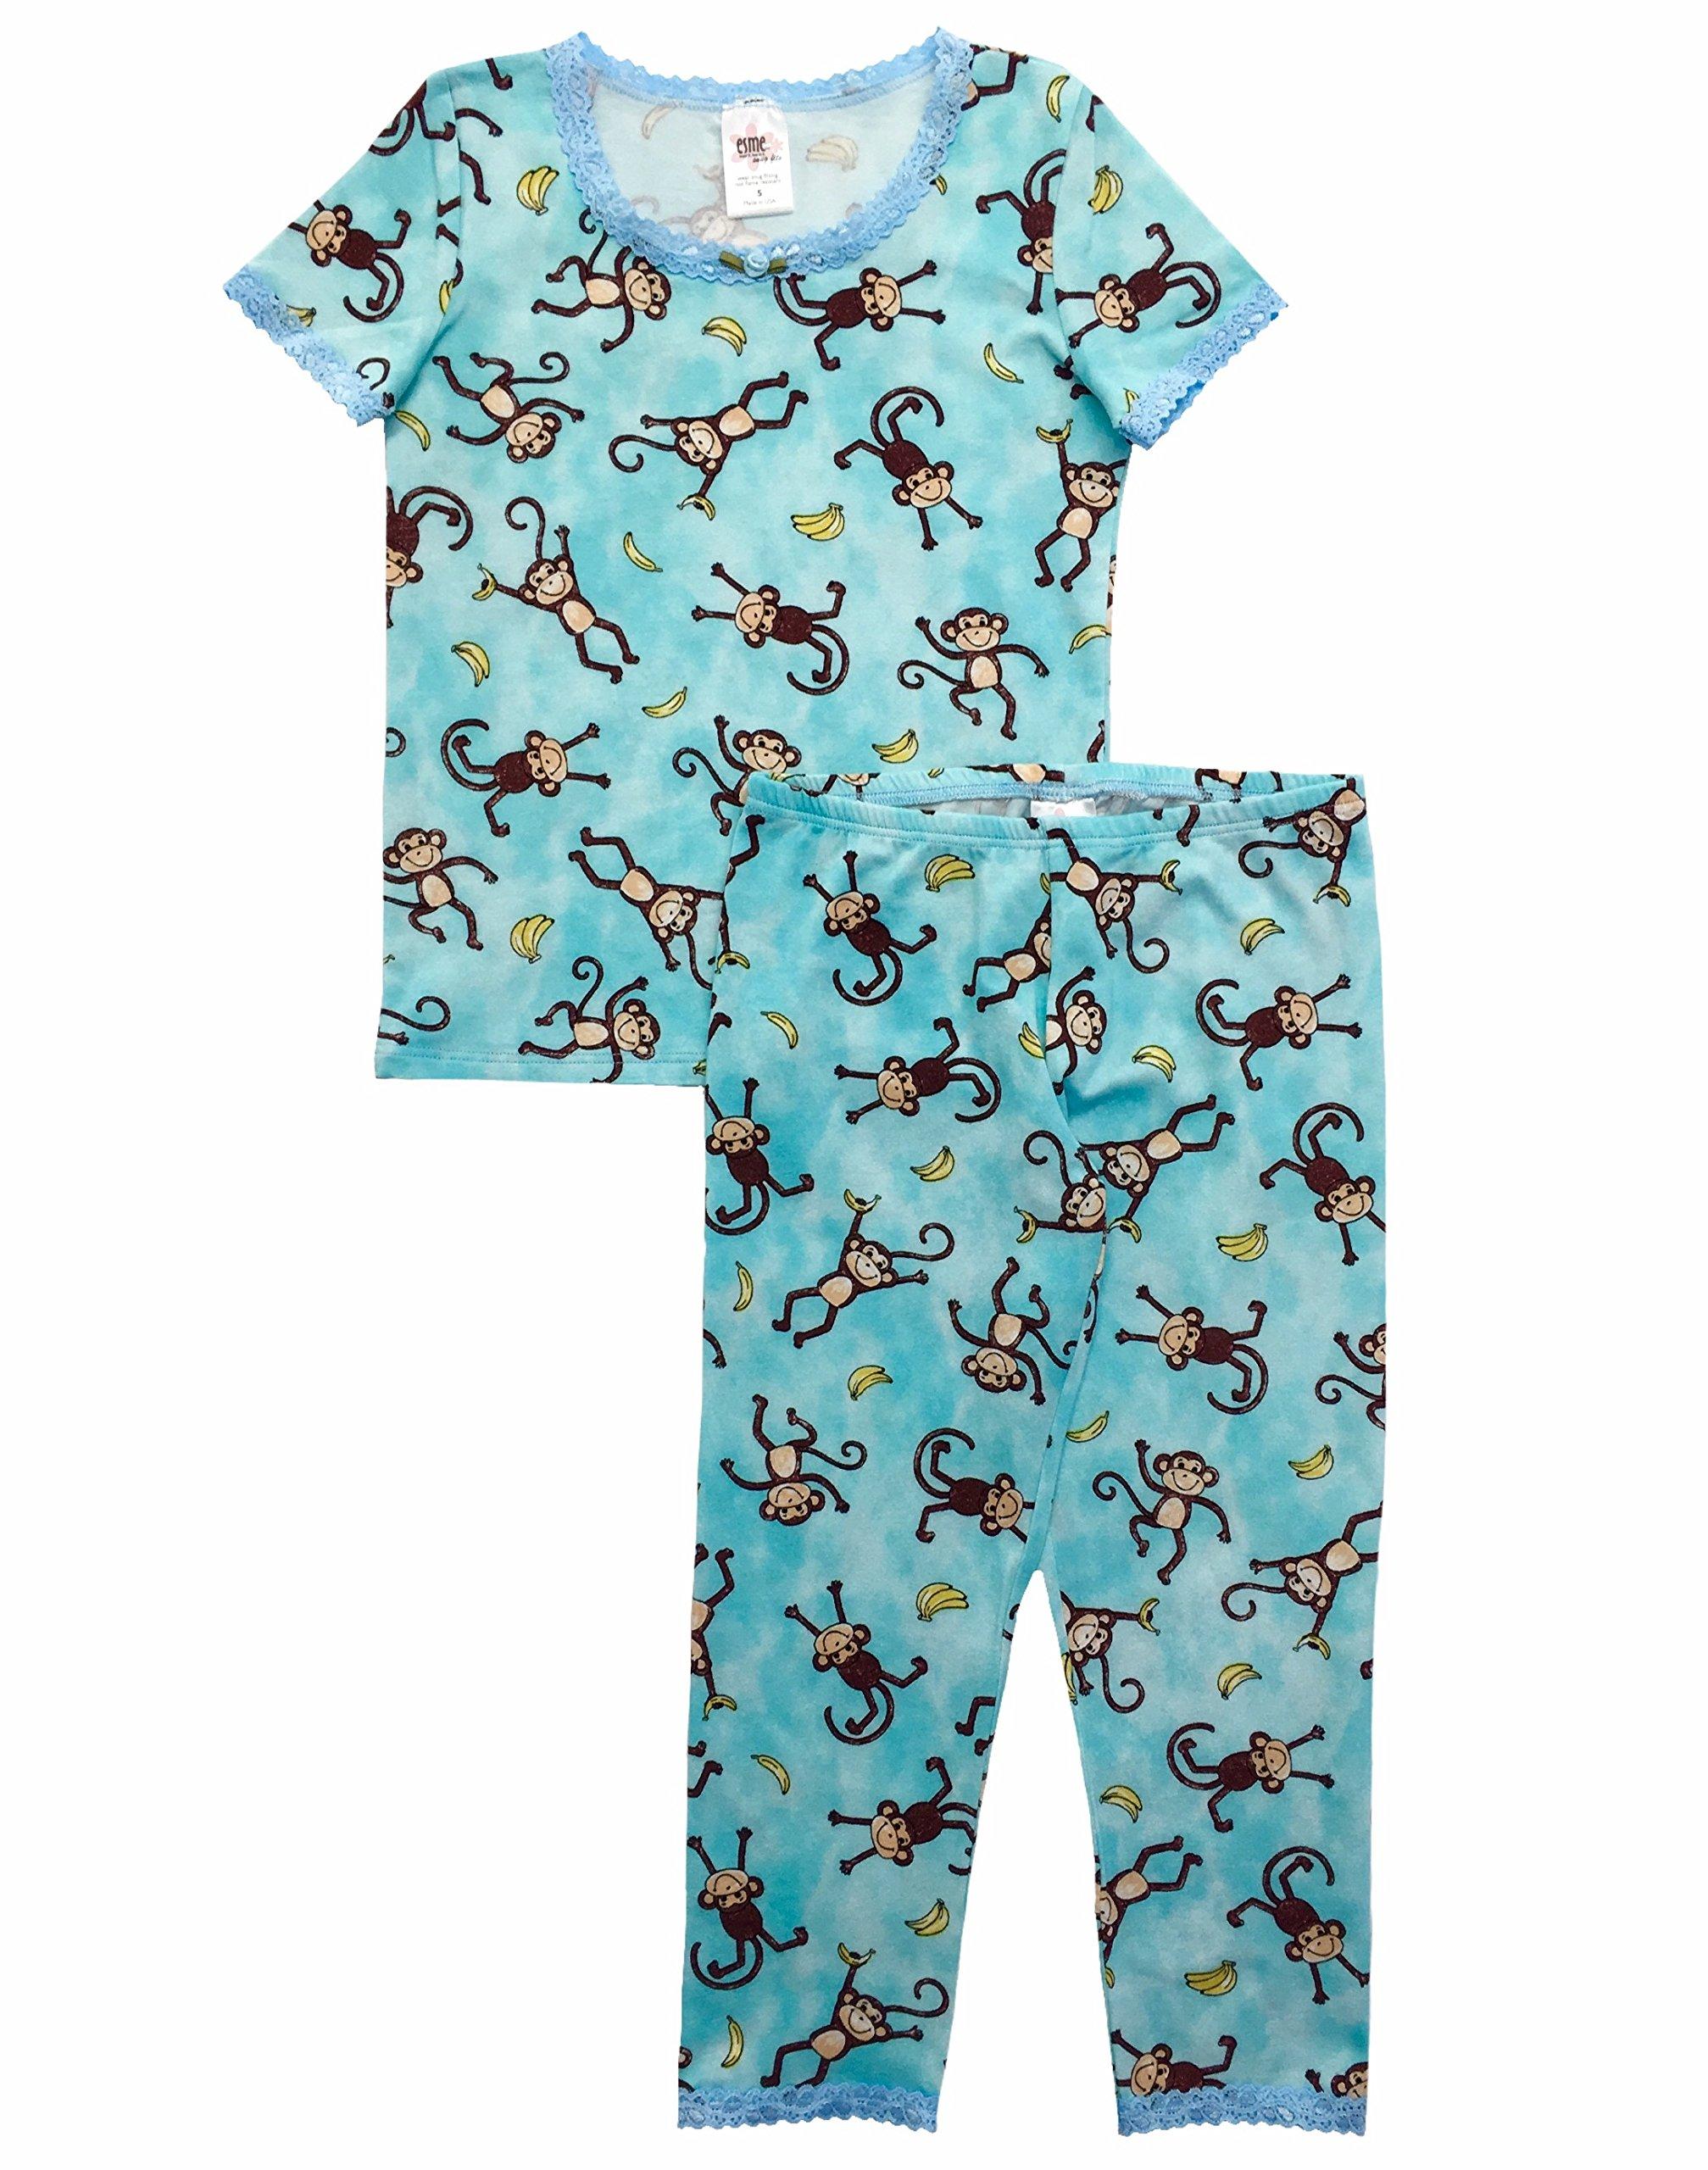 Esme Girl's Sleepwear Short Sleeve Top Leggings set 4 Monkey